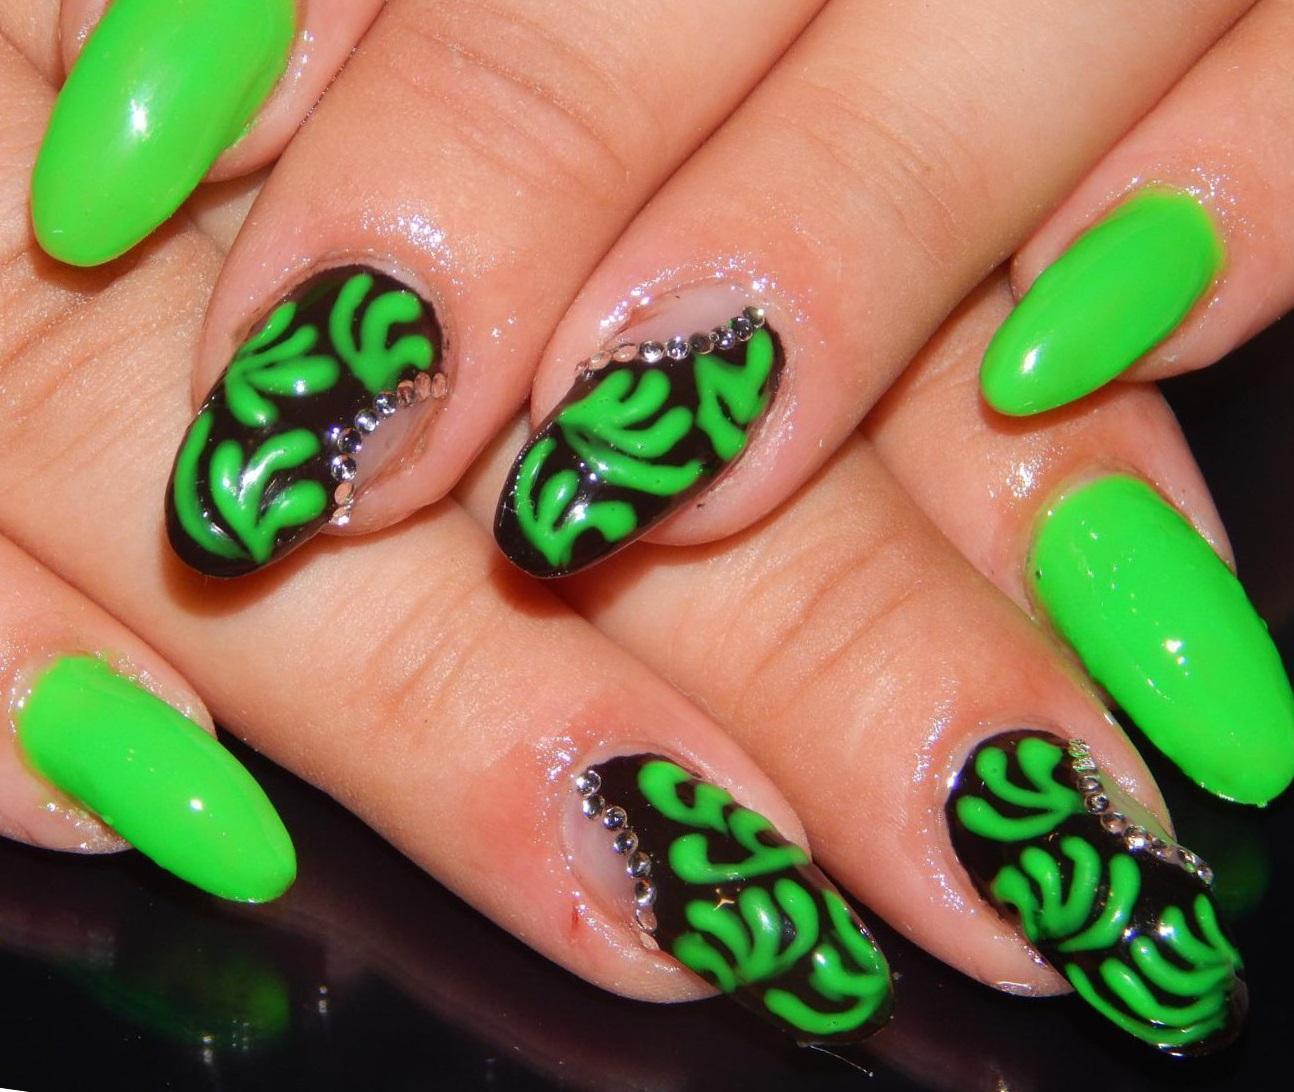 Яркий зеленый маникюр с узорами и стразами